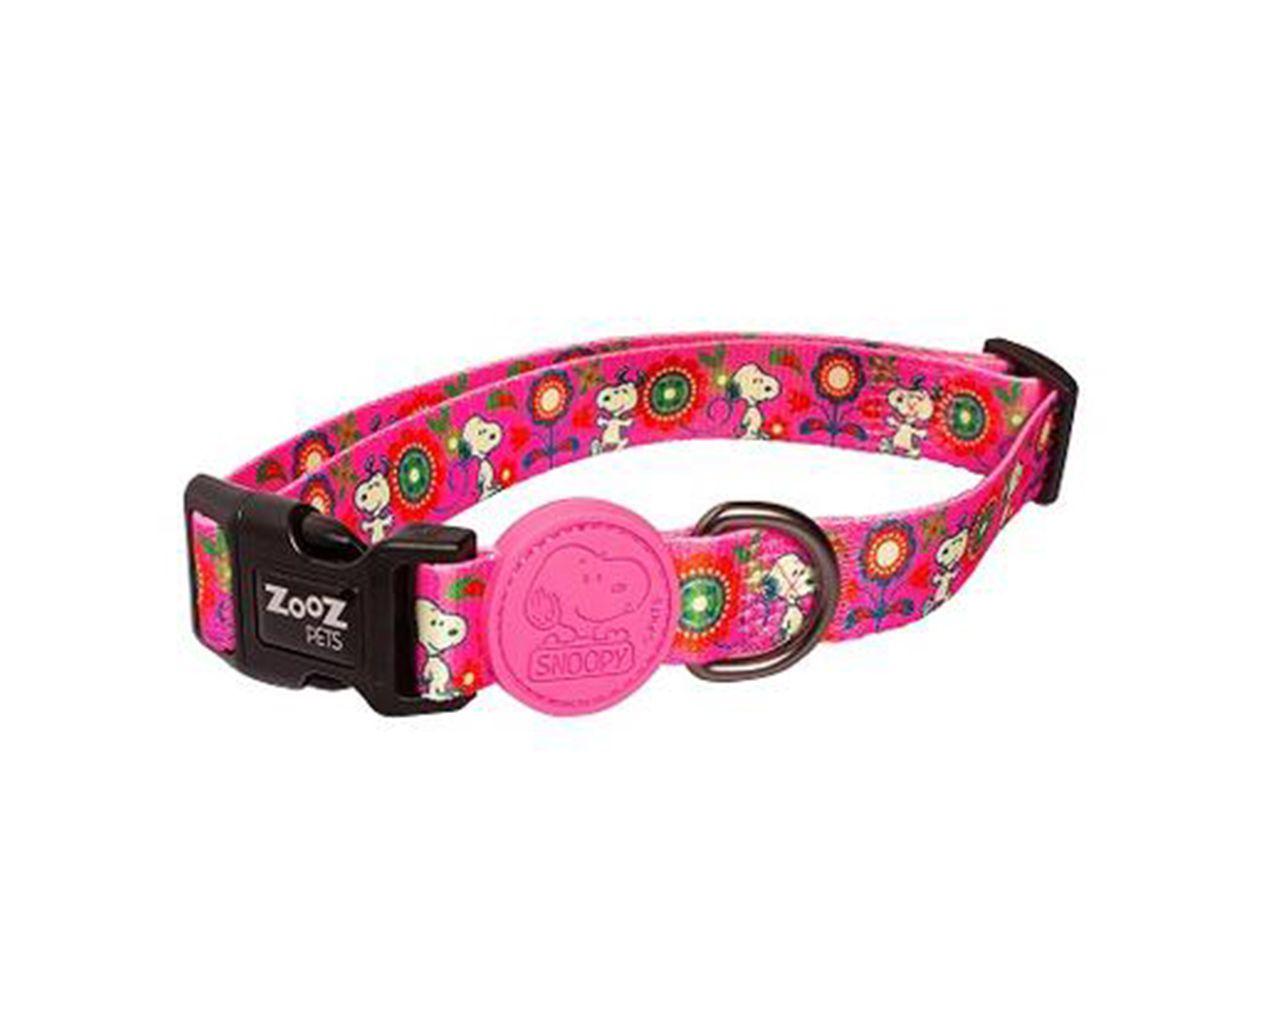 Coleira para cachorro Zooz Pets Snoopy Pink Flower tamanho P (Ajustável 25 - 40cm)